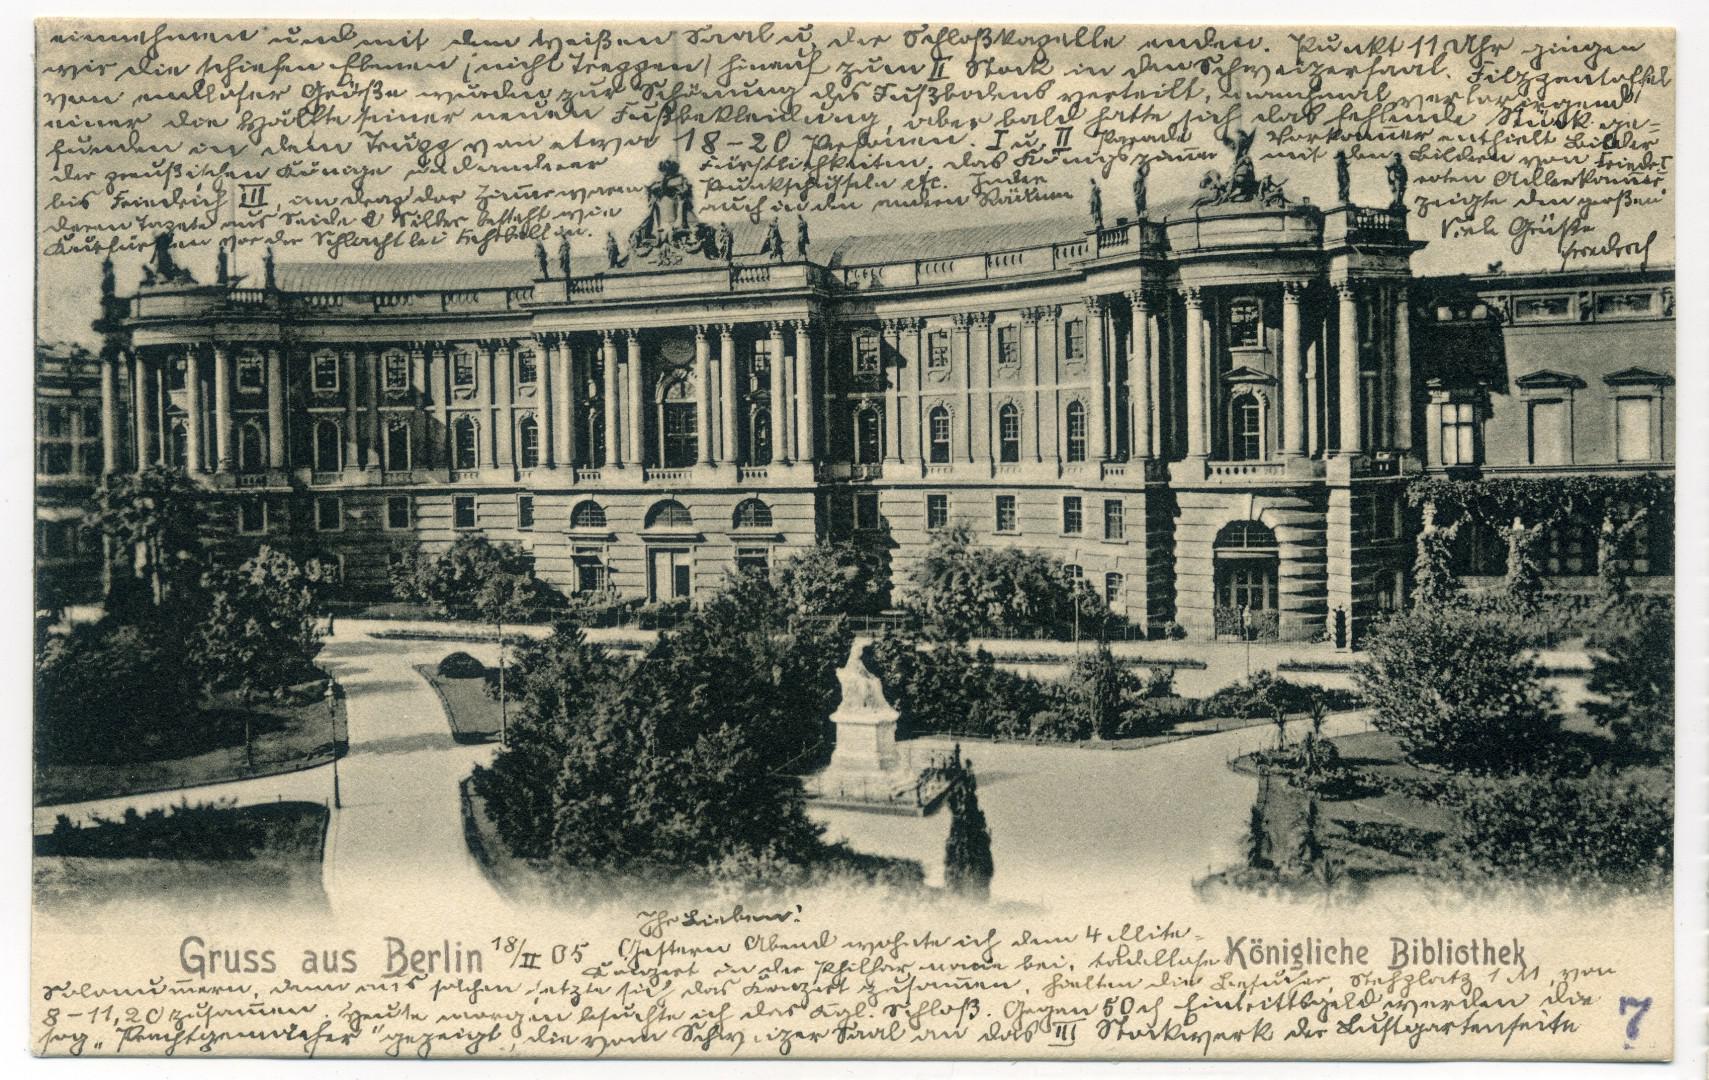 Berlin: Königliche Bibliothek